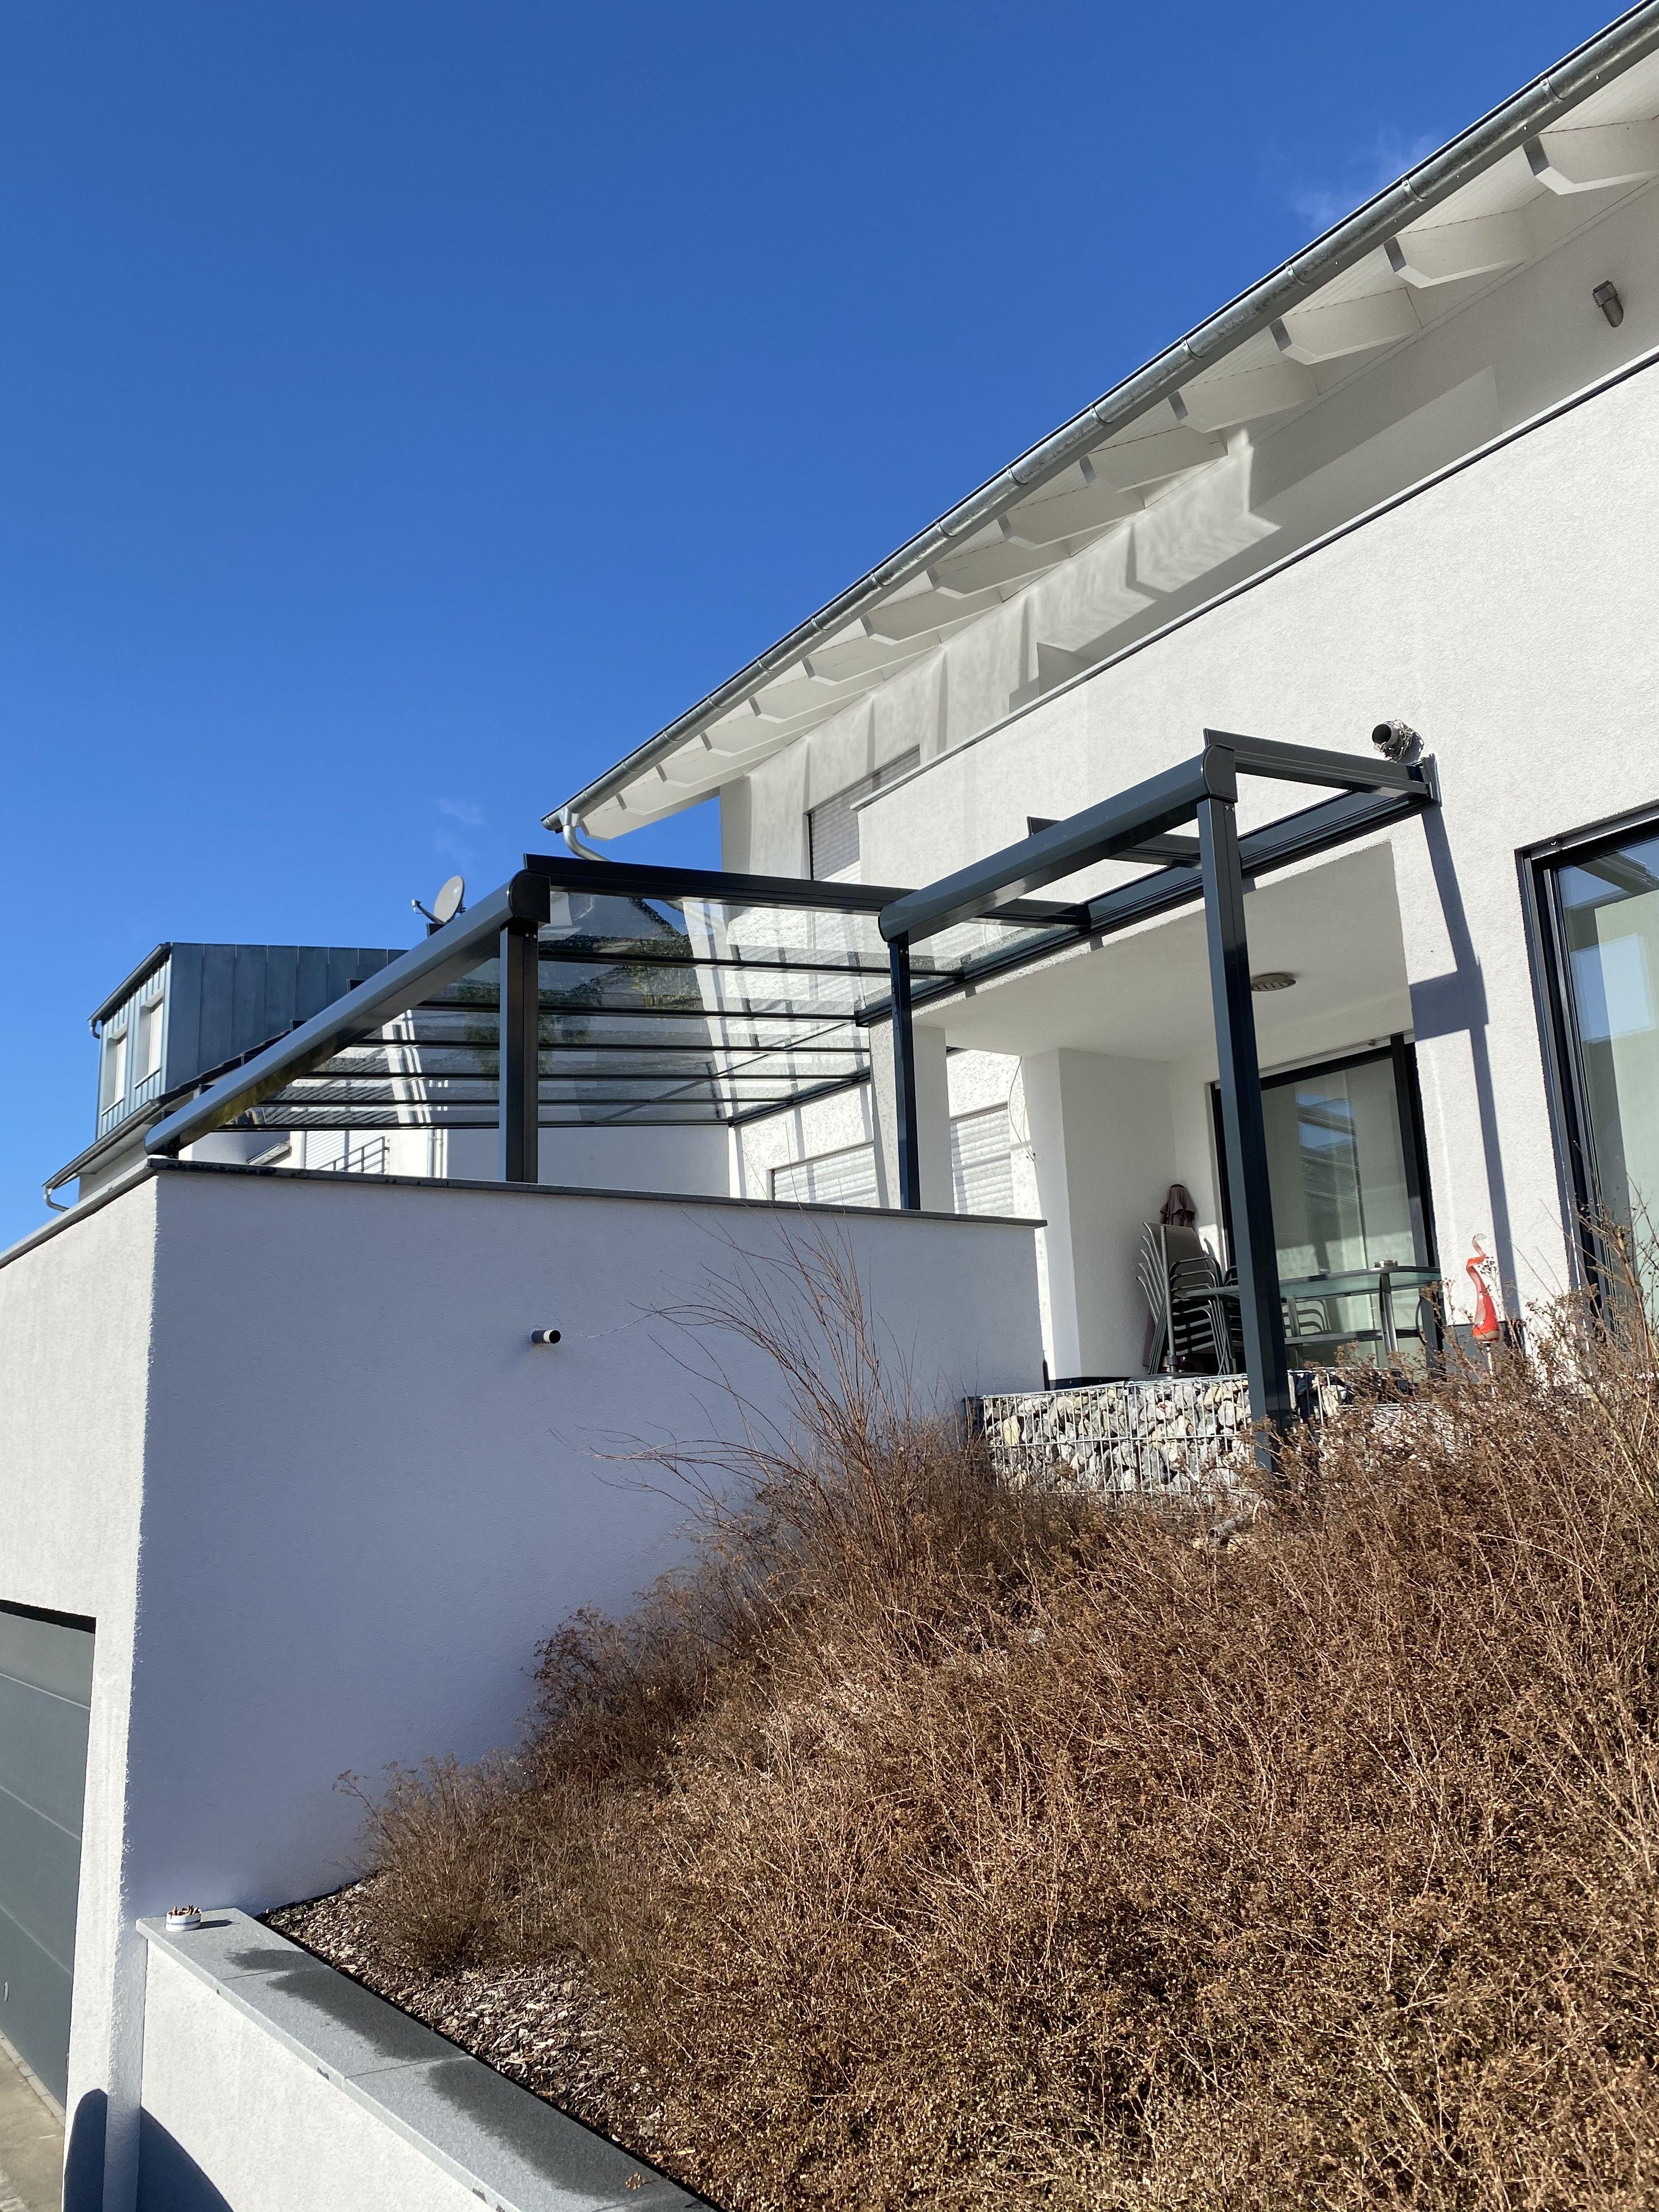 Fenster Dreher- Behalten Sie den Durchblick mit Fenstern von Frank Dreher aus Wendlingen.